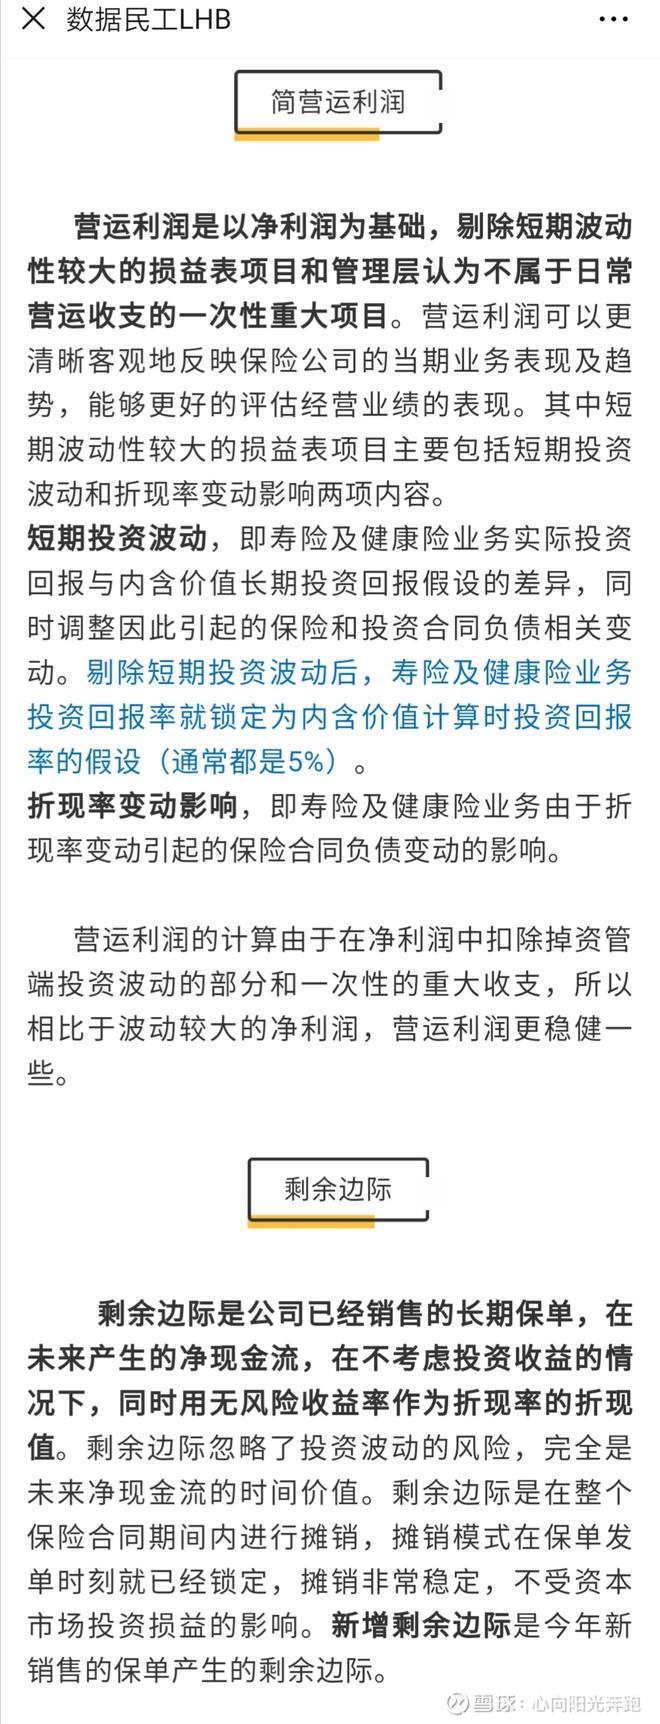 中国平安2018年报解读 —— 营运利润解析